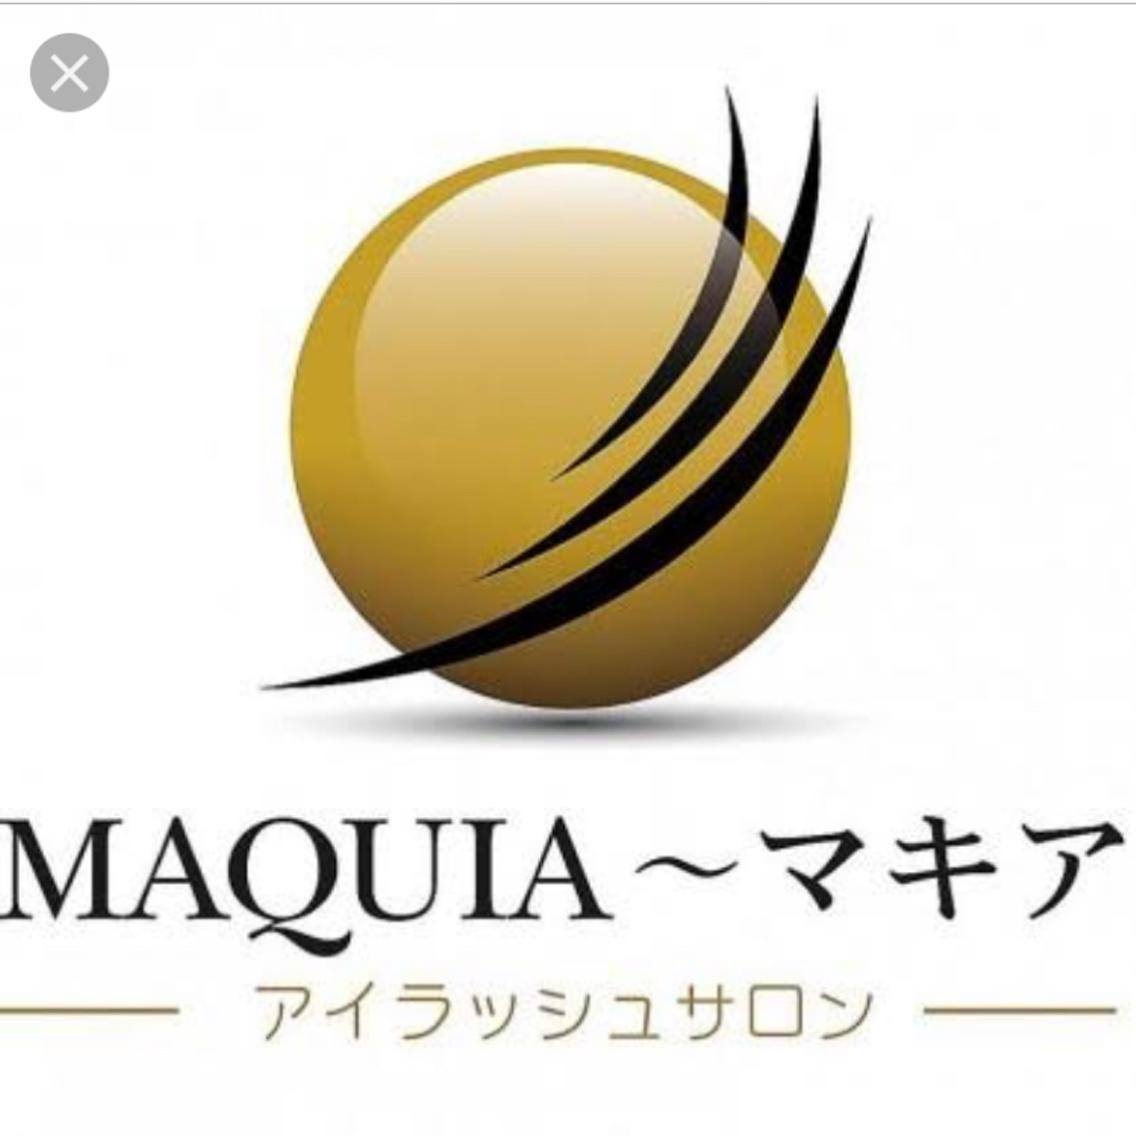 マキア高松レインボー店所属・マキア高松レインボー 福井の掲載